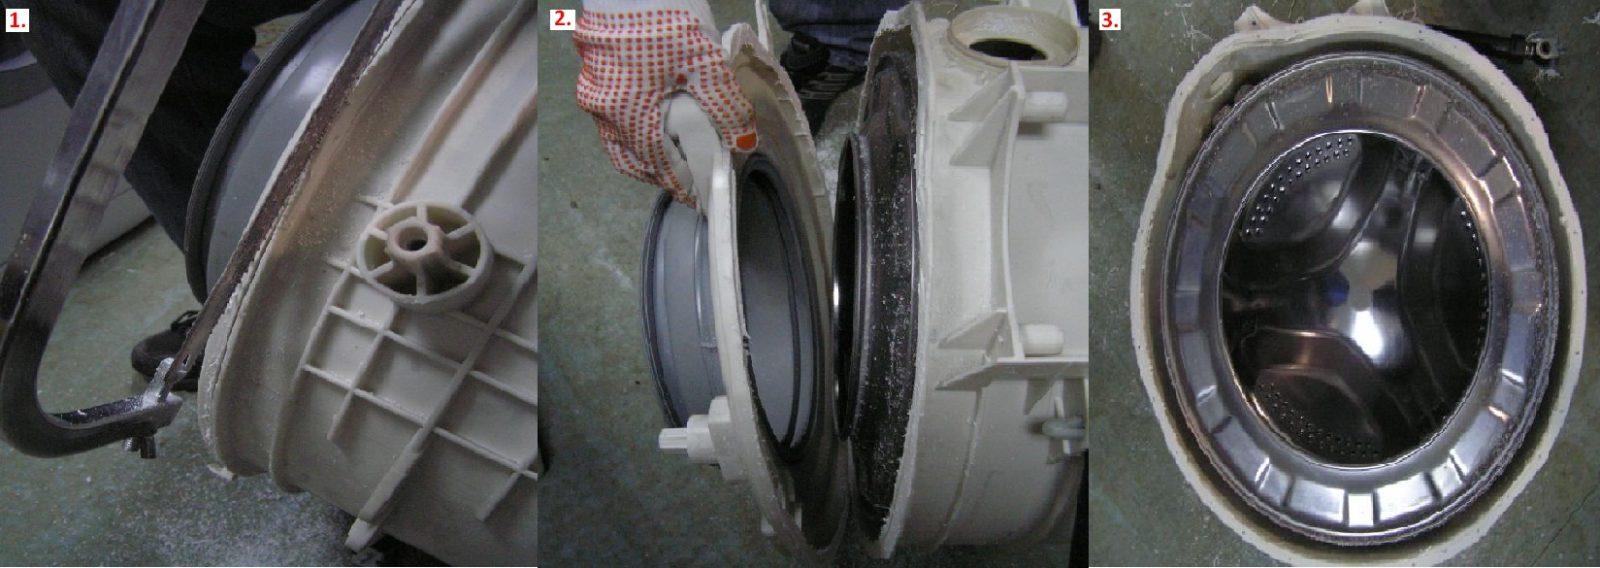 Разбиване на резервоара на пералнята